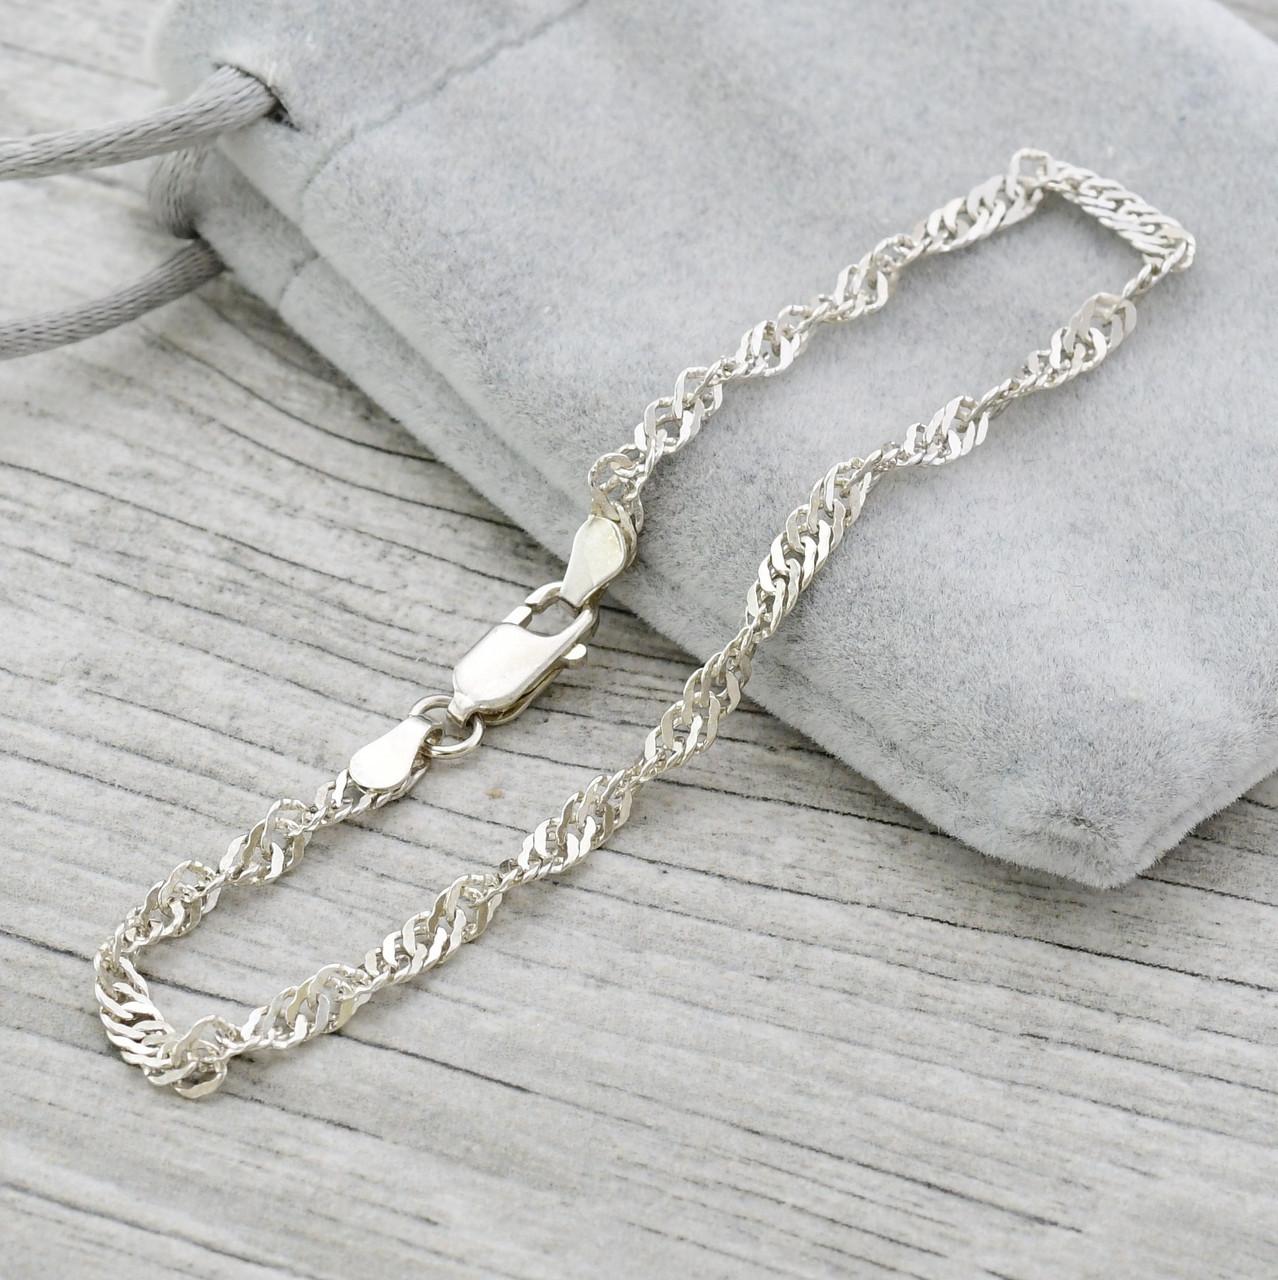 Серебряный браслет родированный Сингапур длина 19 см ширина 3 мм вес 2.92 г